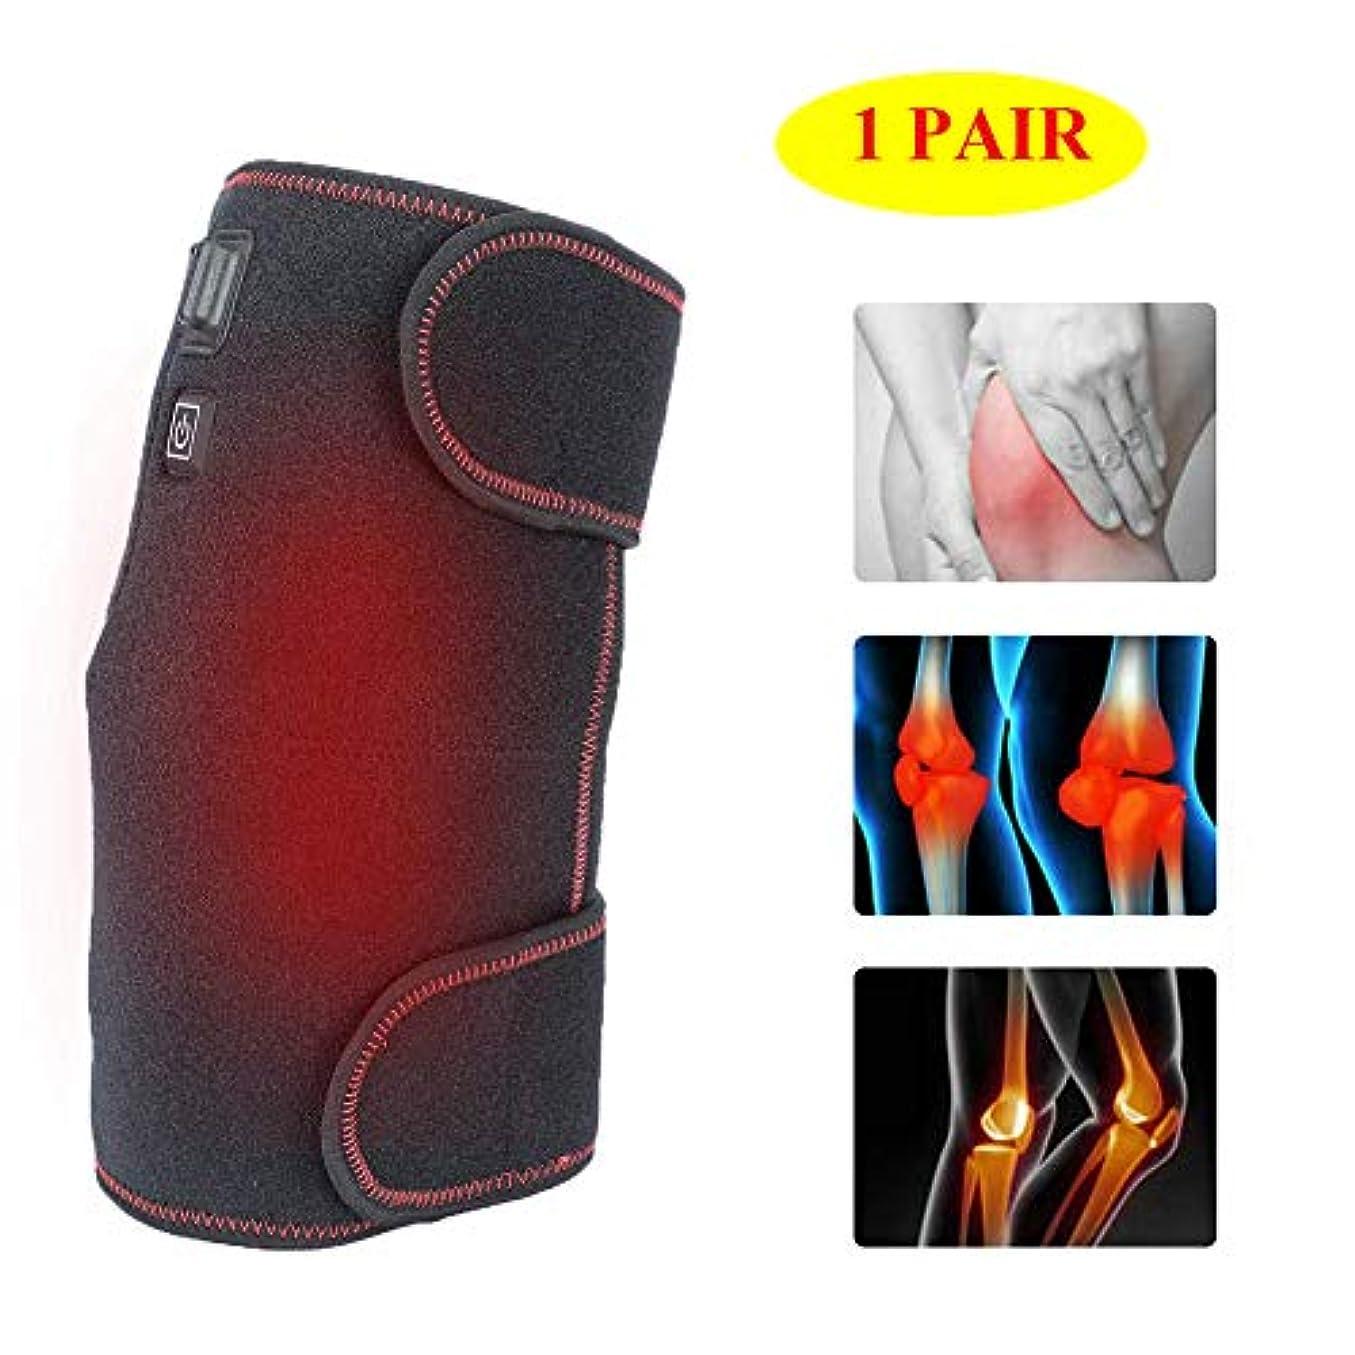 歌う苦情文句読みやすい3ファイル温度の膝ブレース1ペアを加熱-膝の怪我のためのUSB充電式治療加熱パッド脚ウォームラップ